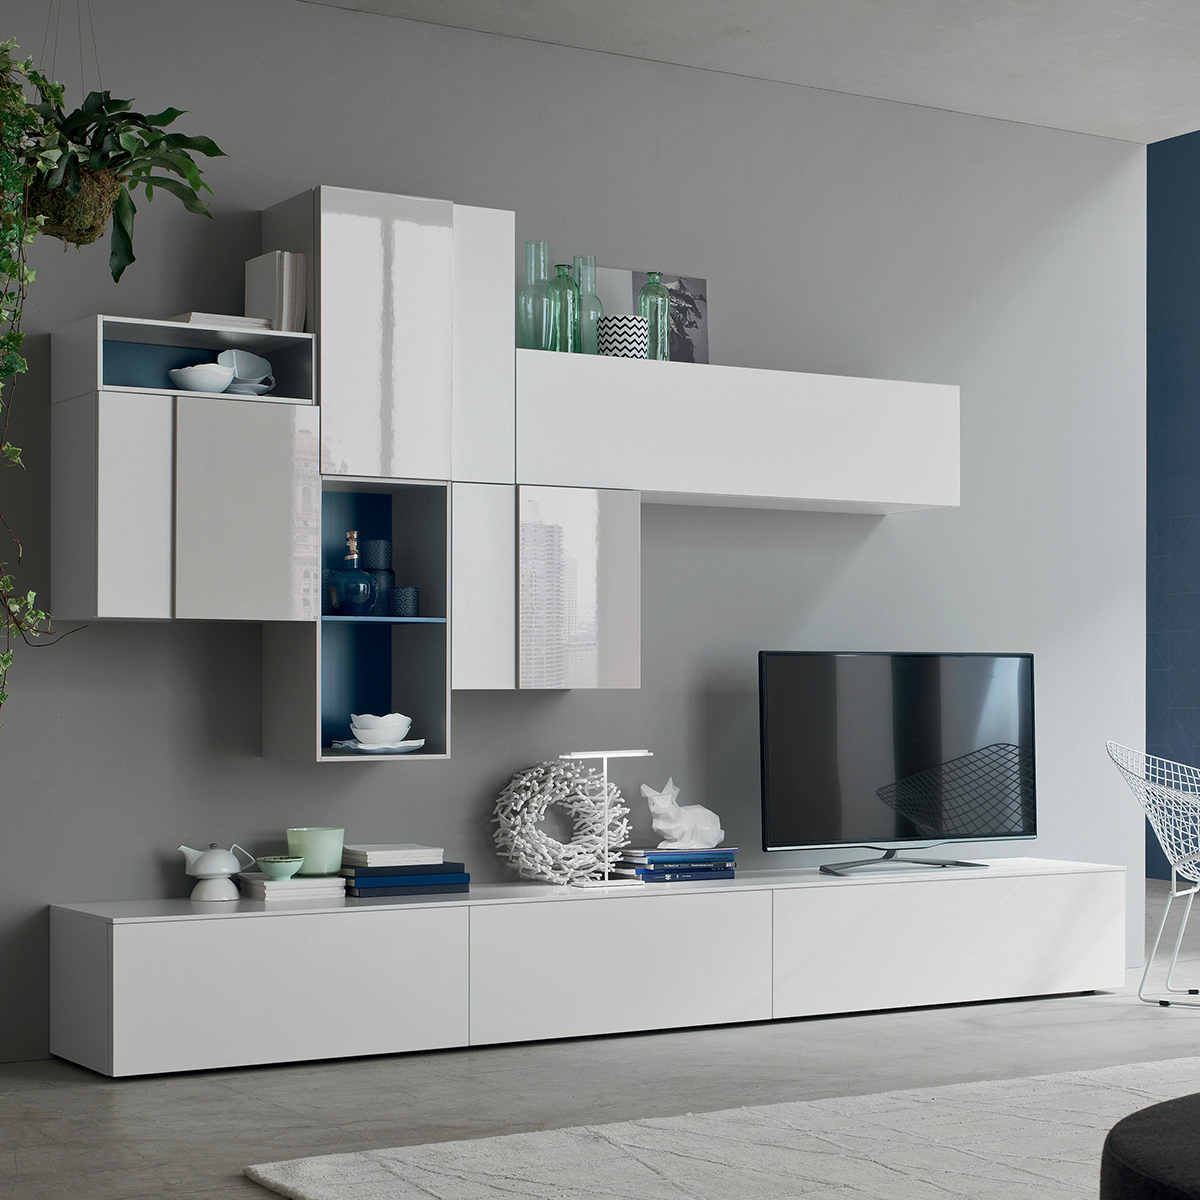 Seta sa1560 mobile soggiorno moderno componibile l 299 4 for Mobile da soggiorno moderno